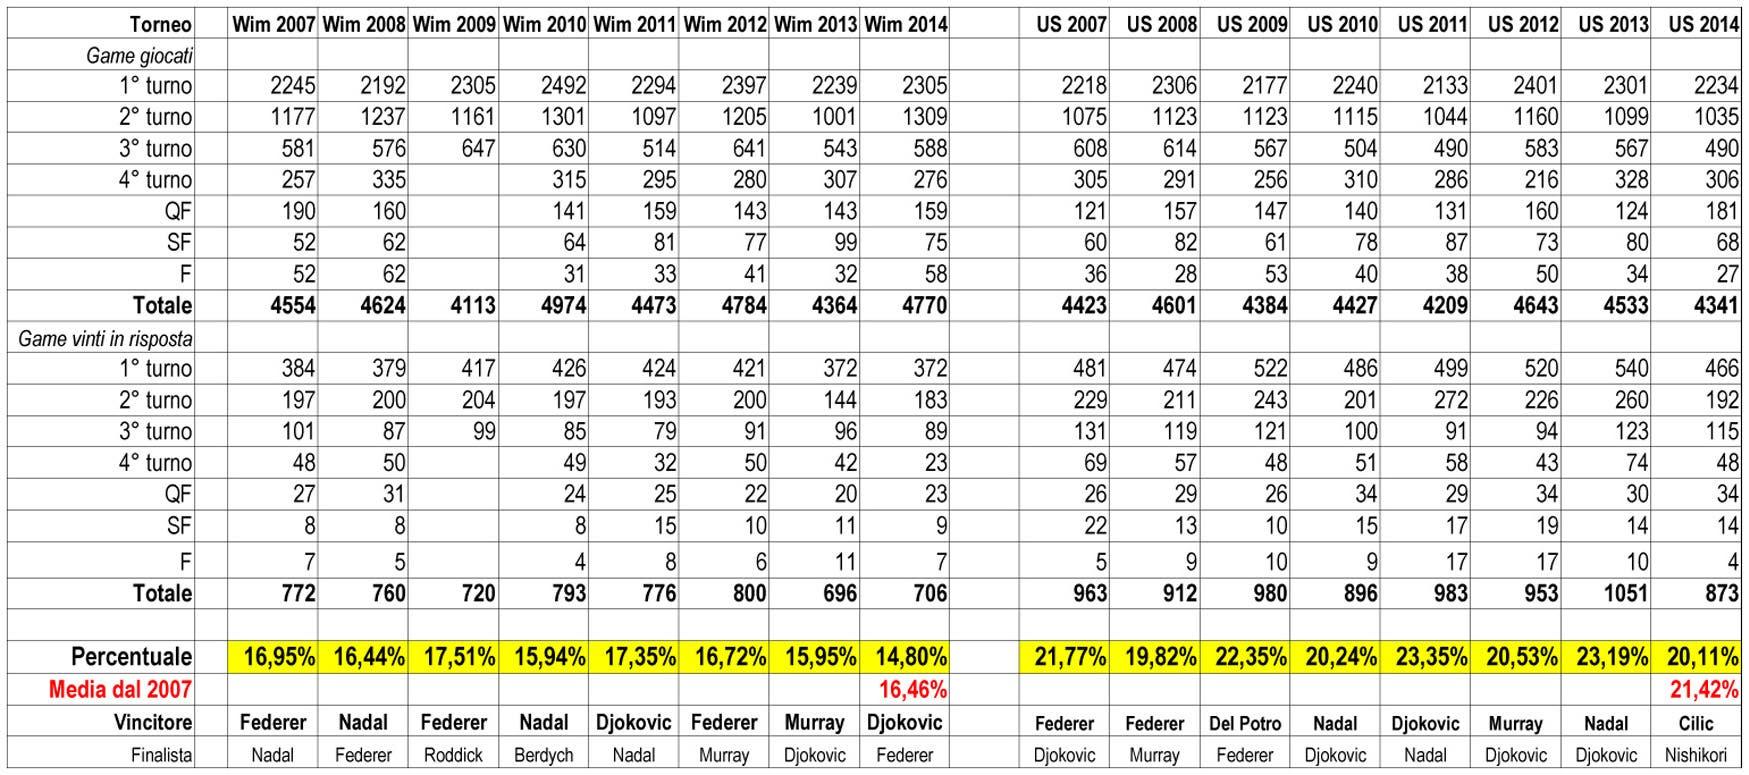 Slam 2007 - 2015 Wim + USOpen